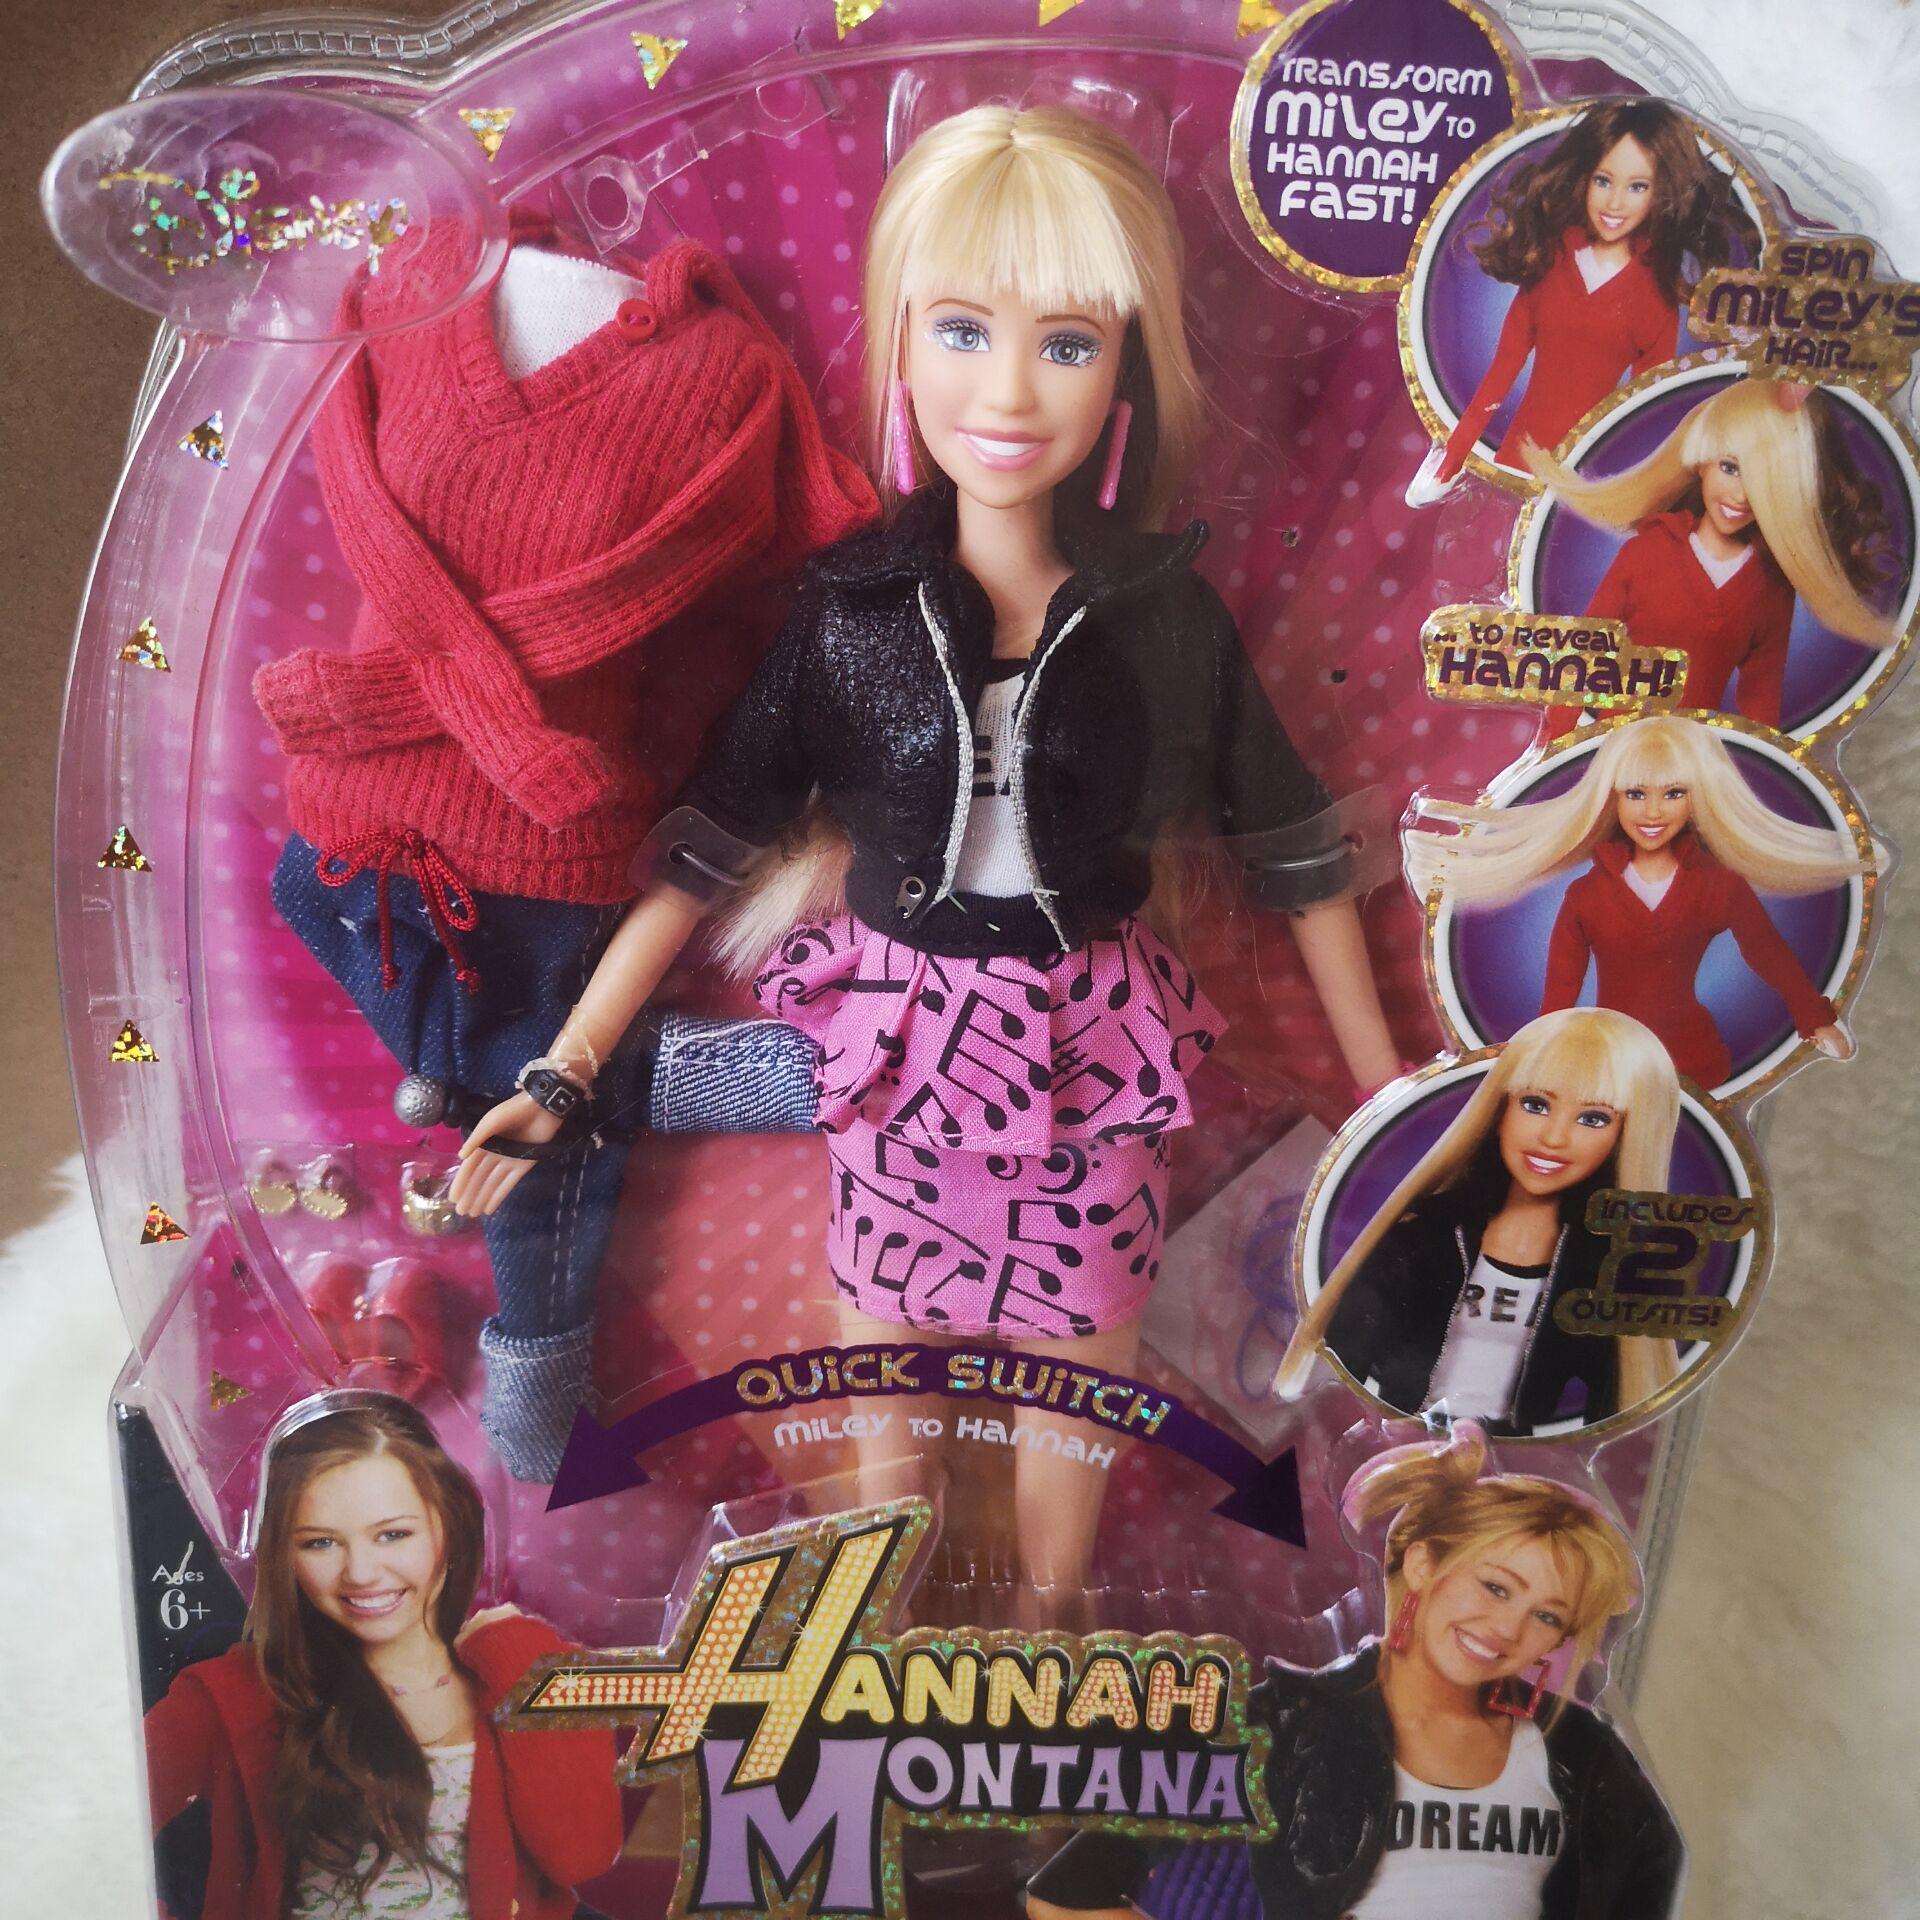 Disney princesa bonecas hannah miley menina moda boneca jogar casa bebê boneca diy moda boneca brinquedo crianças presente de aniversário